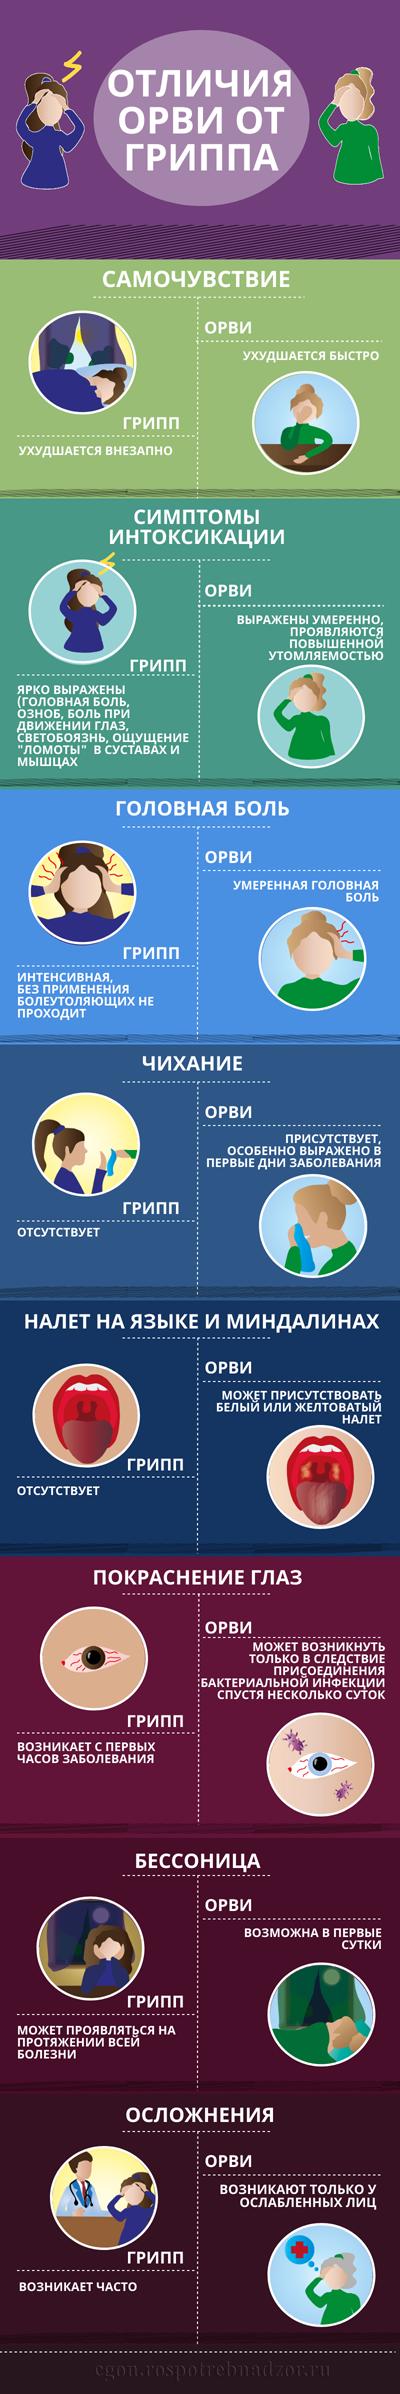 Отличия гриппа от орви картинки